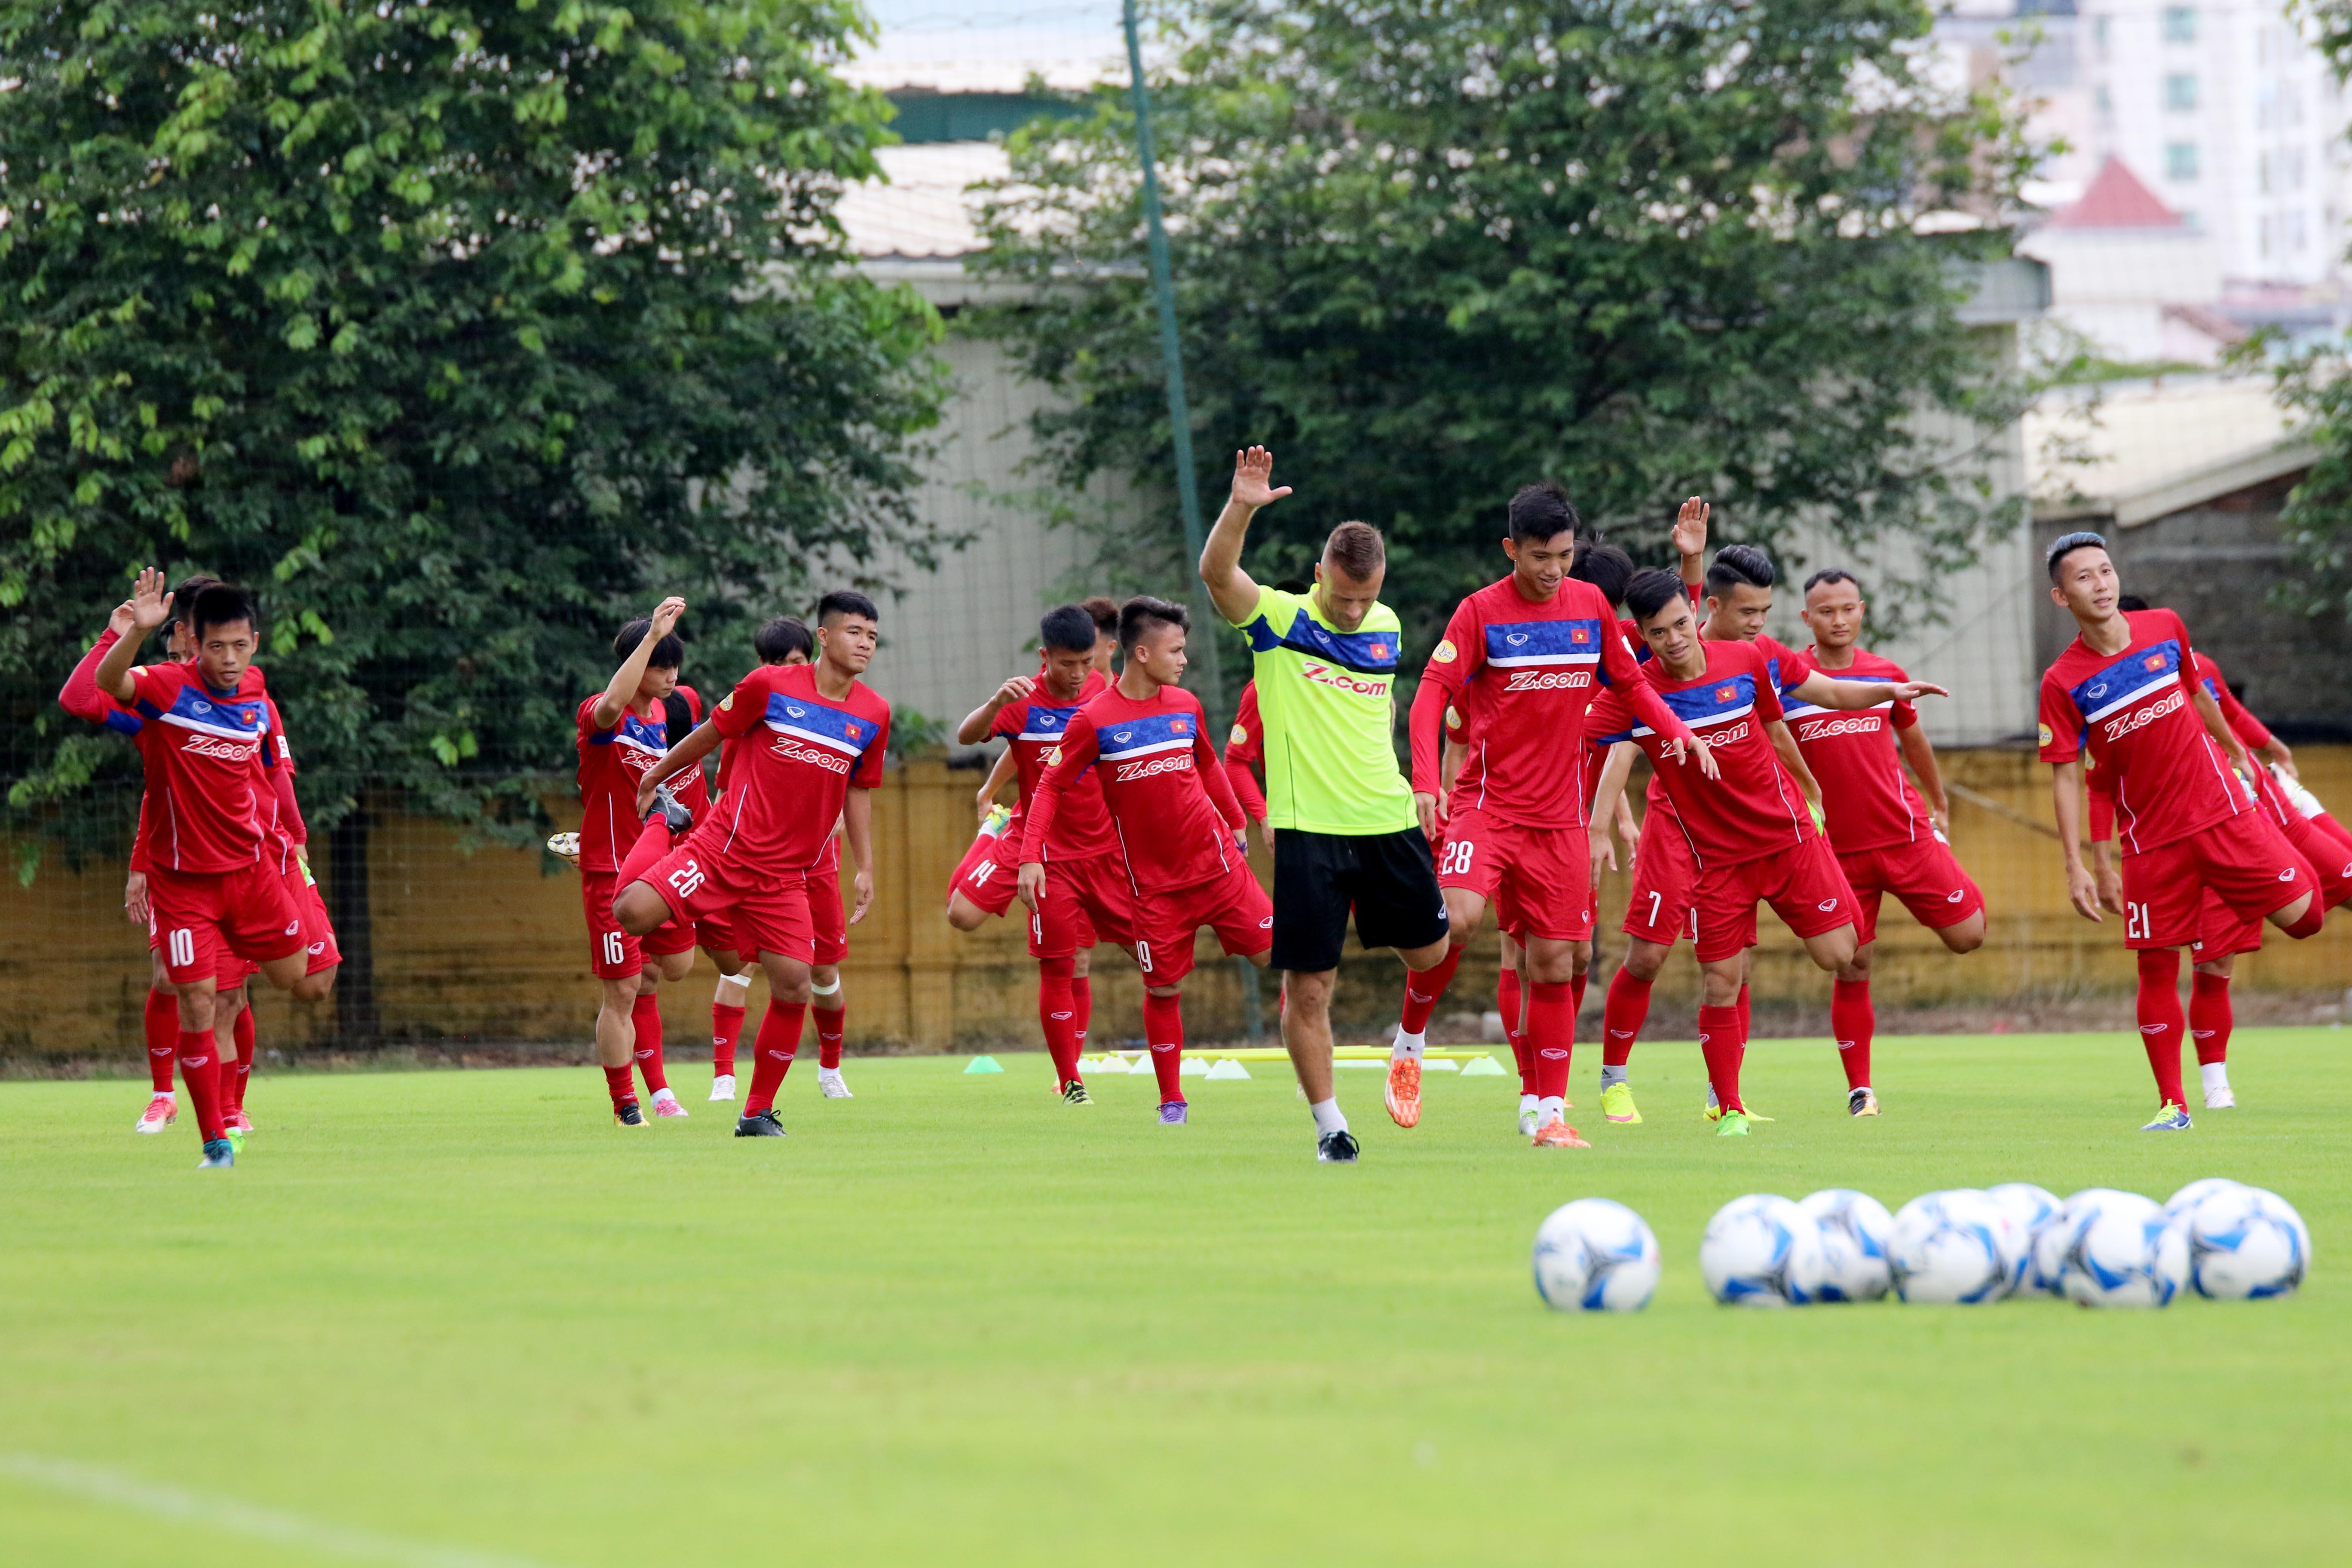 Chùm ảnh đội tuyển Việt Nam hứng khởi trong ngày đầu tập luyện chuẩn bị cho trận đấu gặp đội tuyển Campuchia tại lượt trận thứ 3 vòng loại Asian Cup 2019